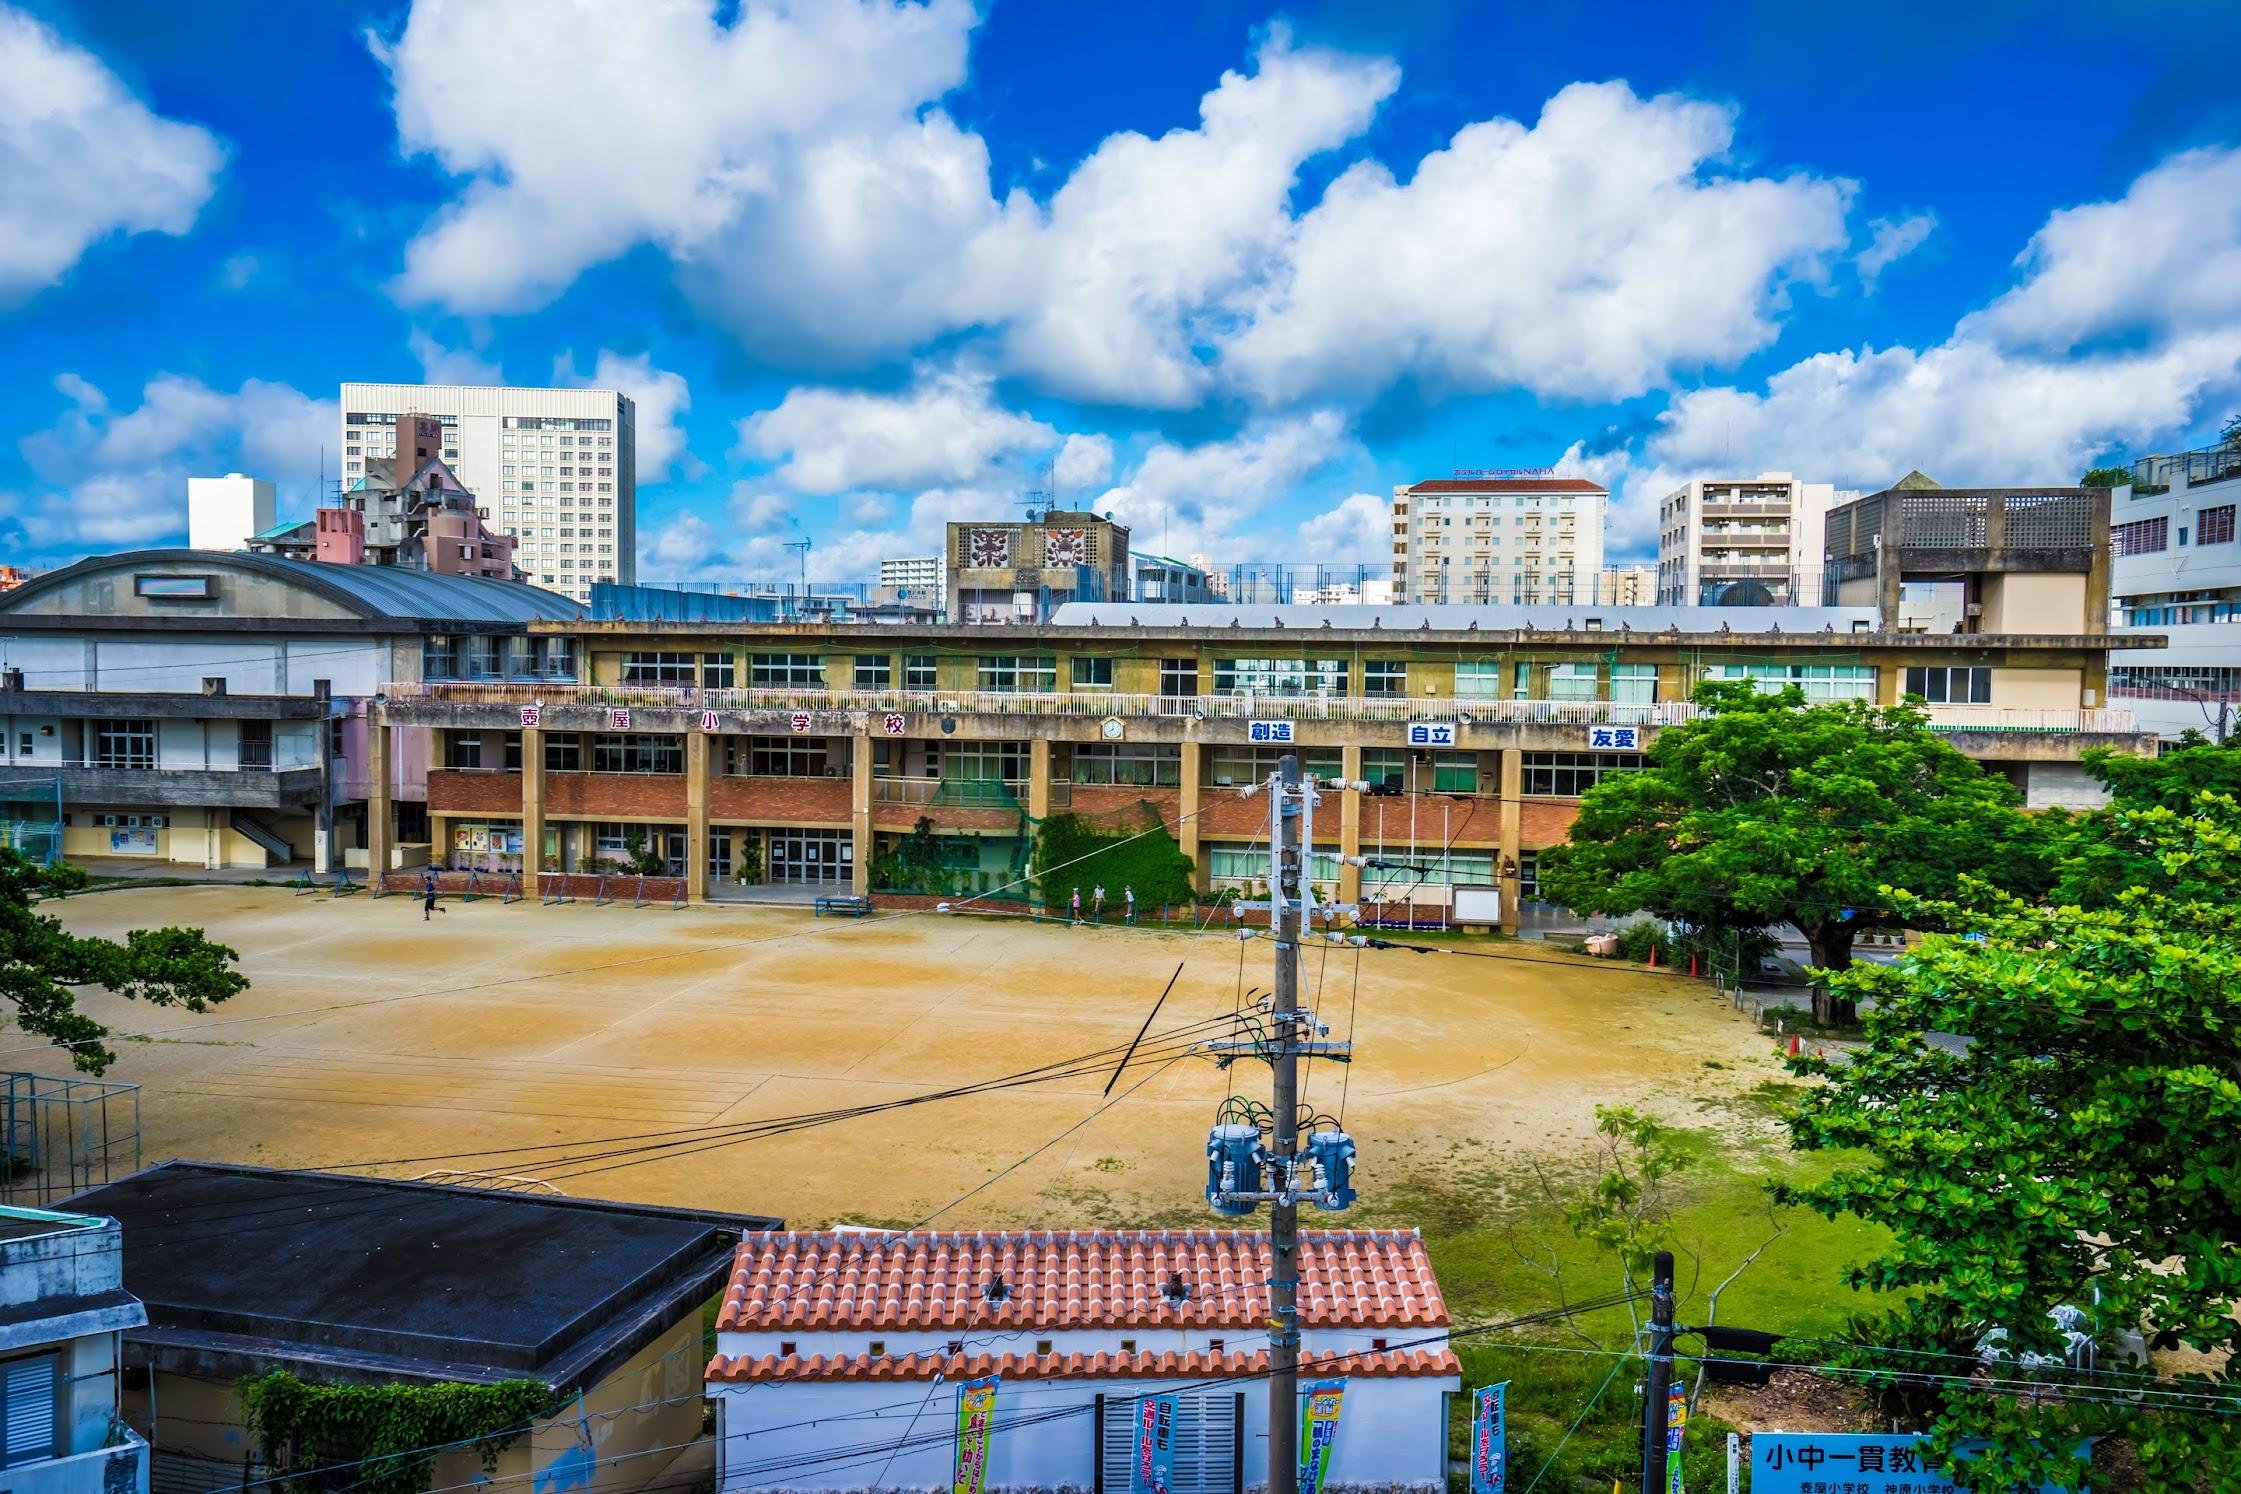 Naha Makishi station